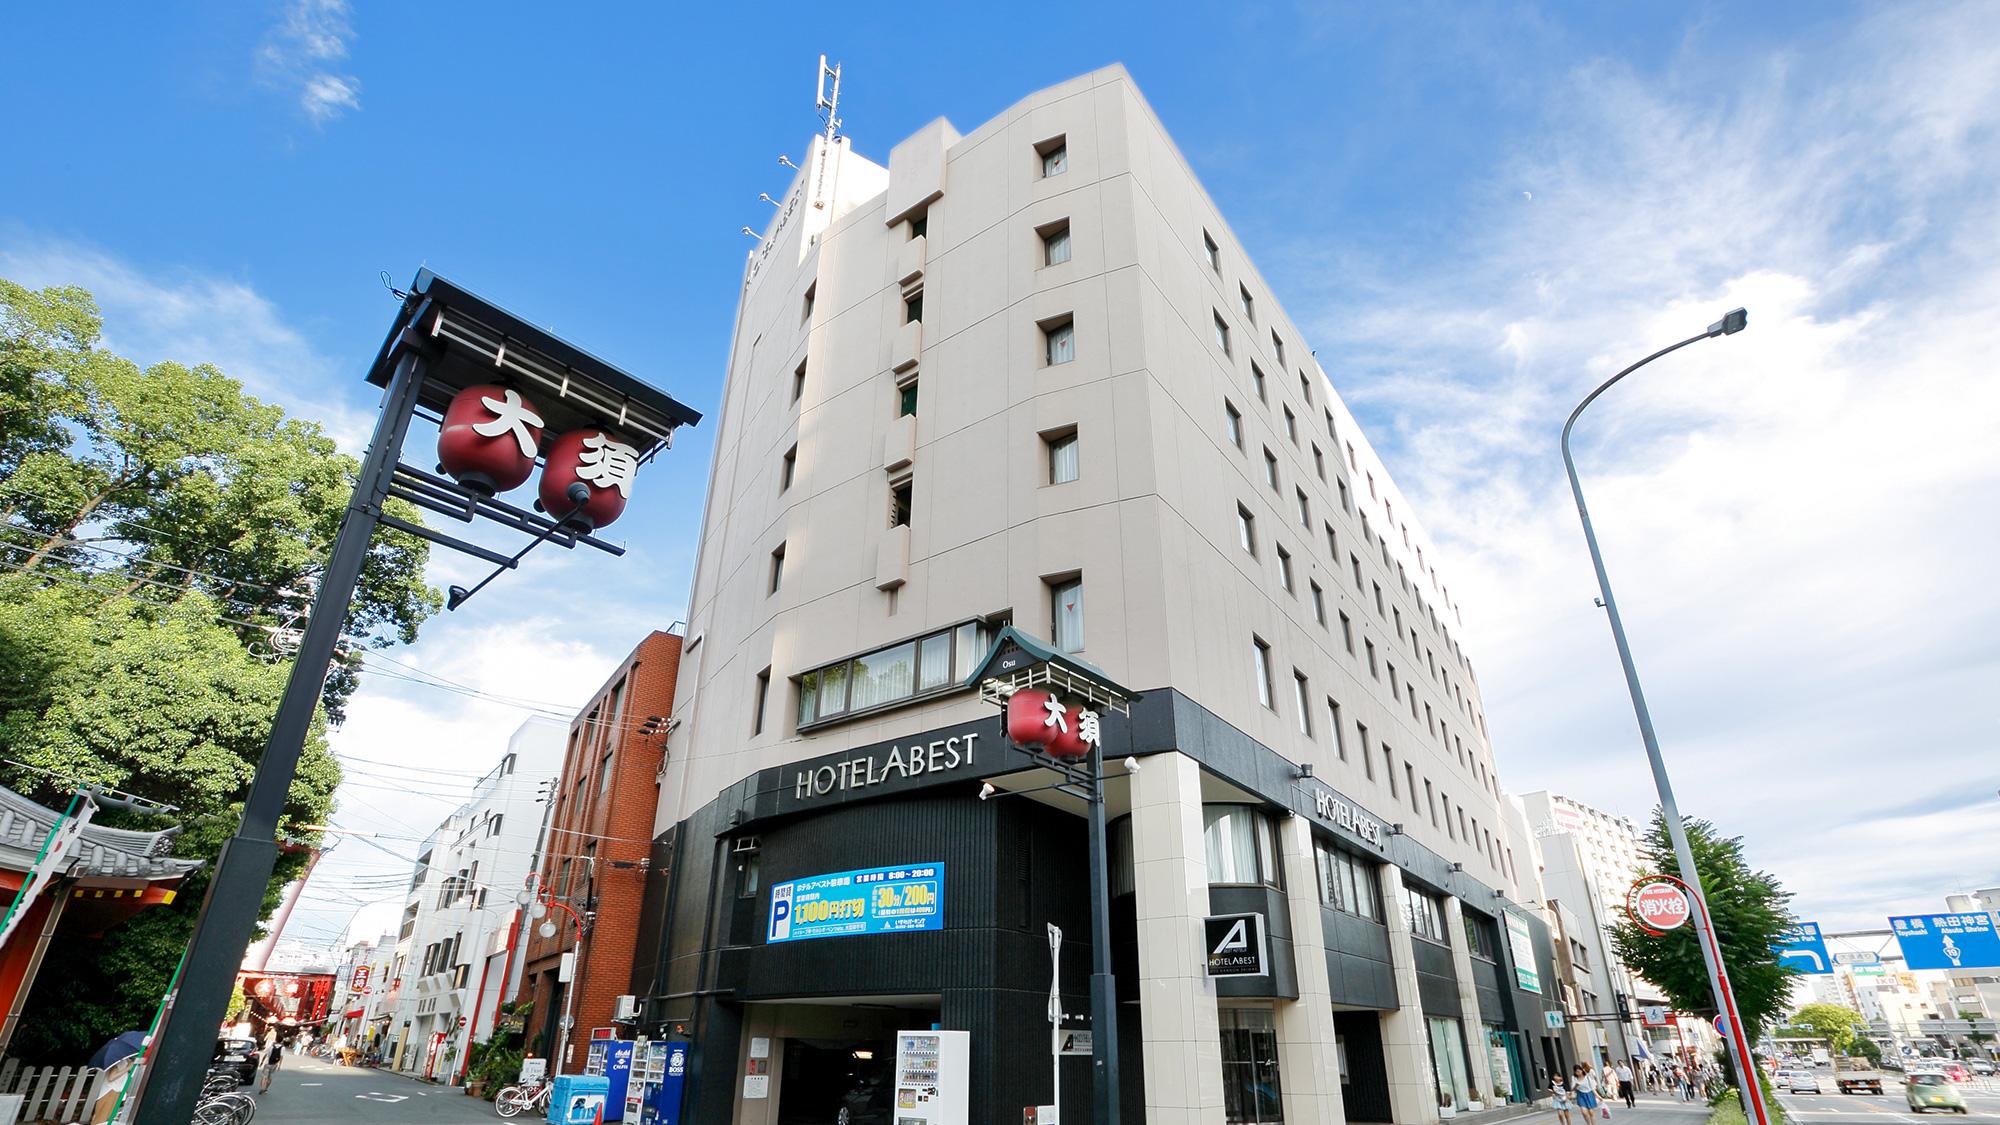 ホテル アベスト 大須観音駅前◆楽天トラベル